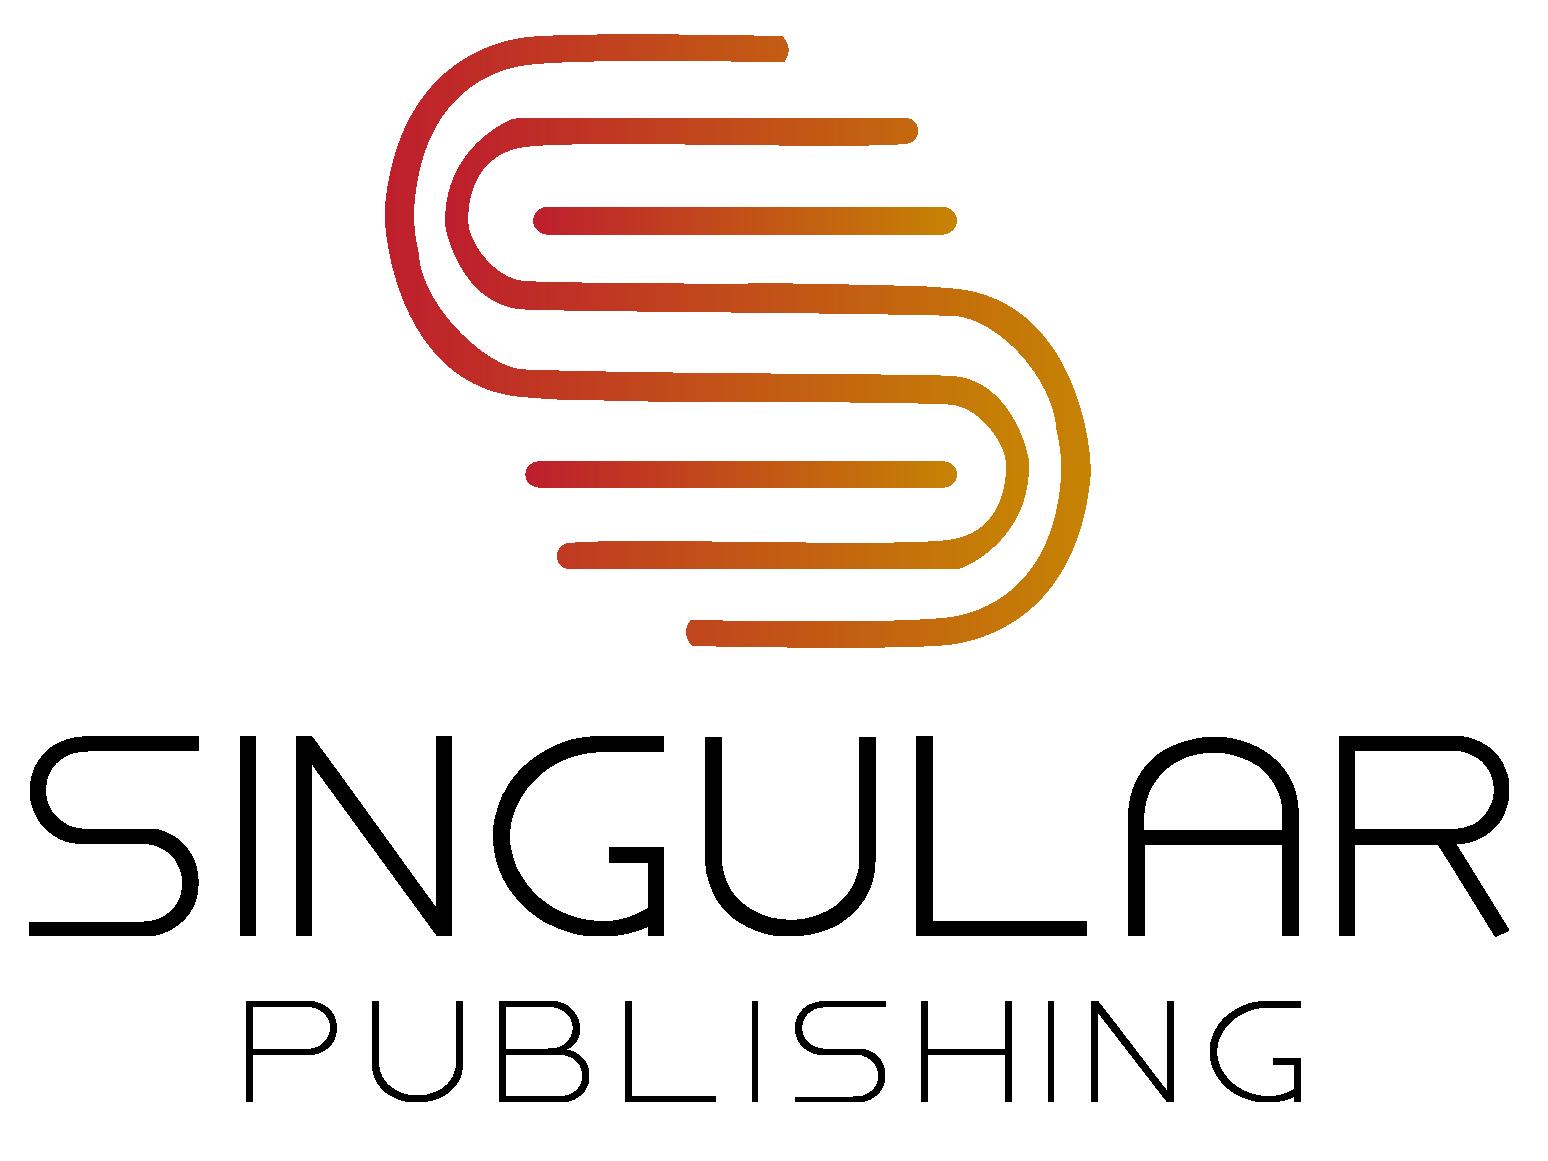 Singular Publishing